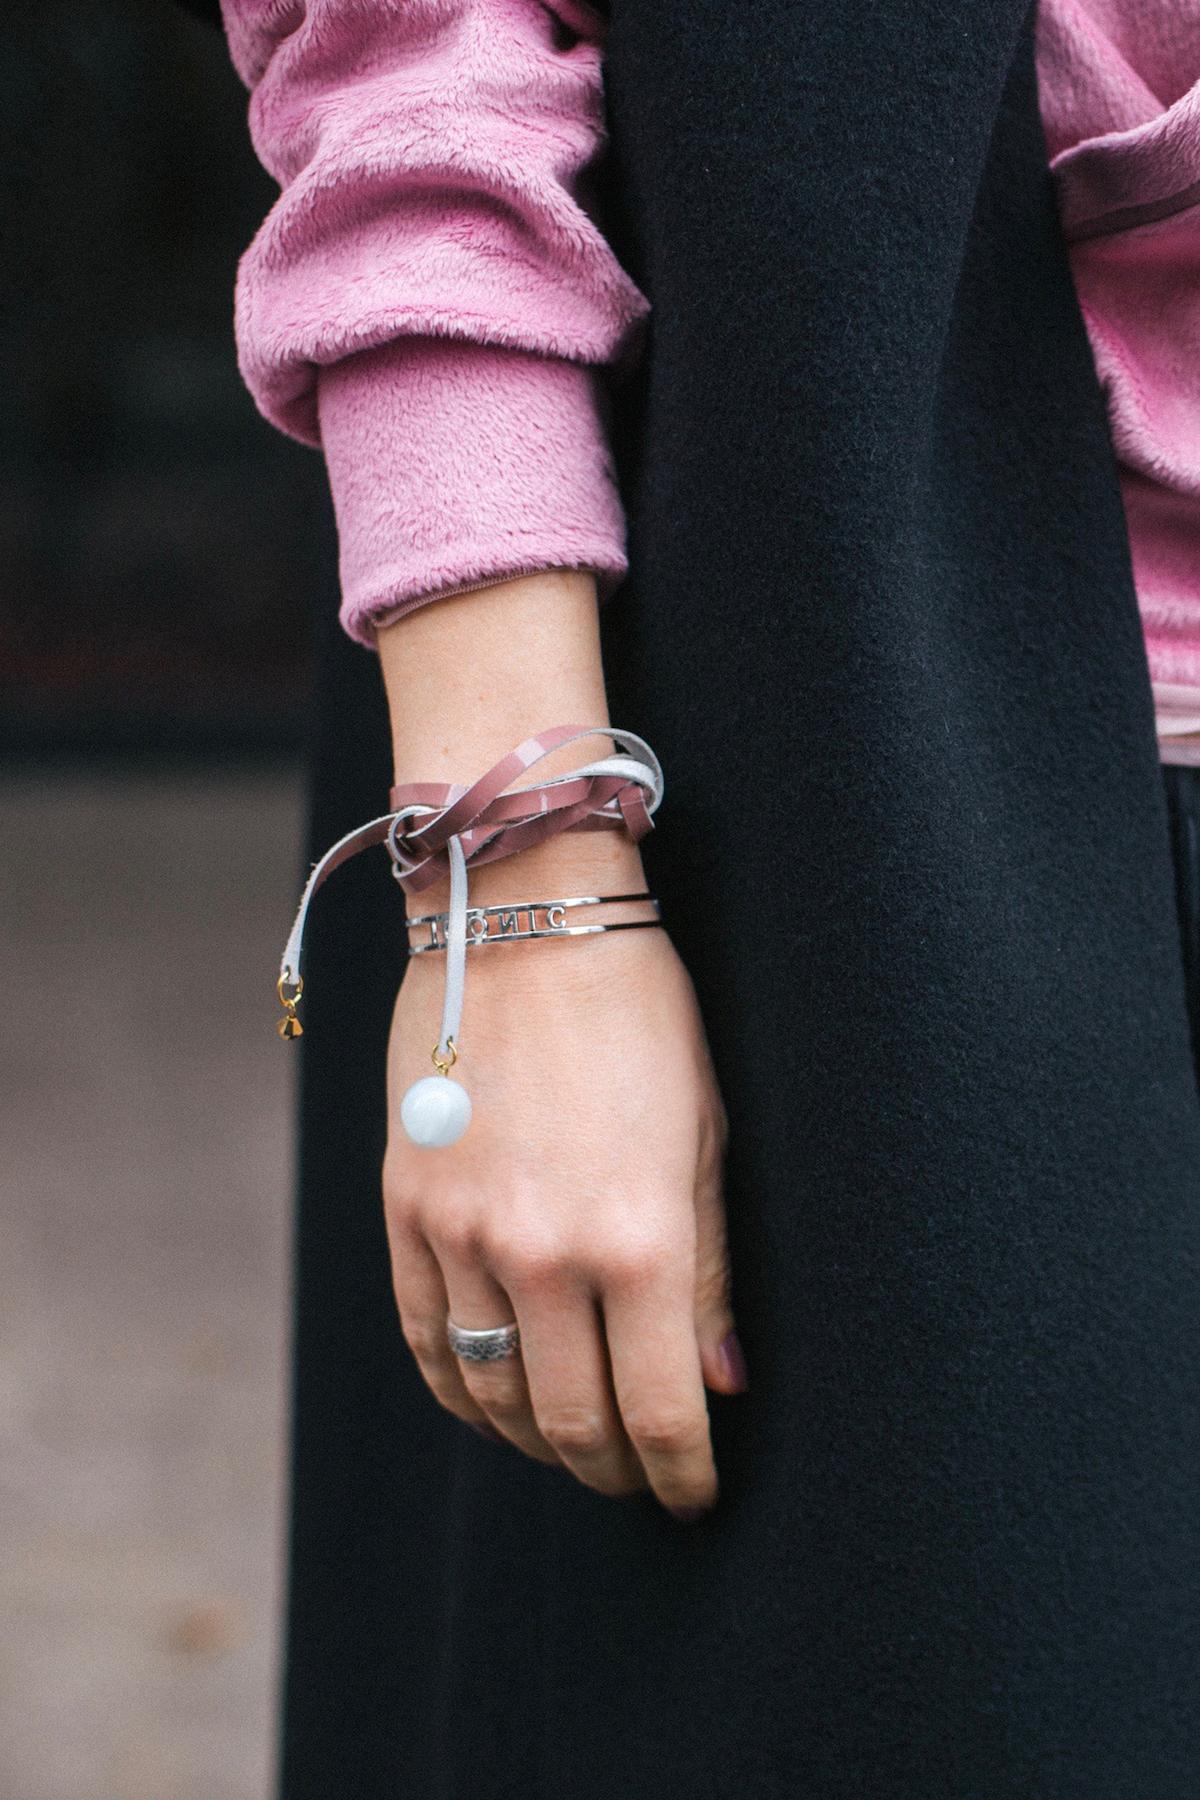 Spell on me E2RD bracelet Beutyfullblog by JT__1328 a